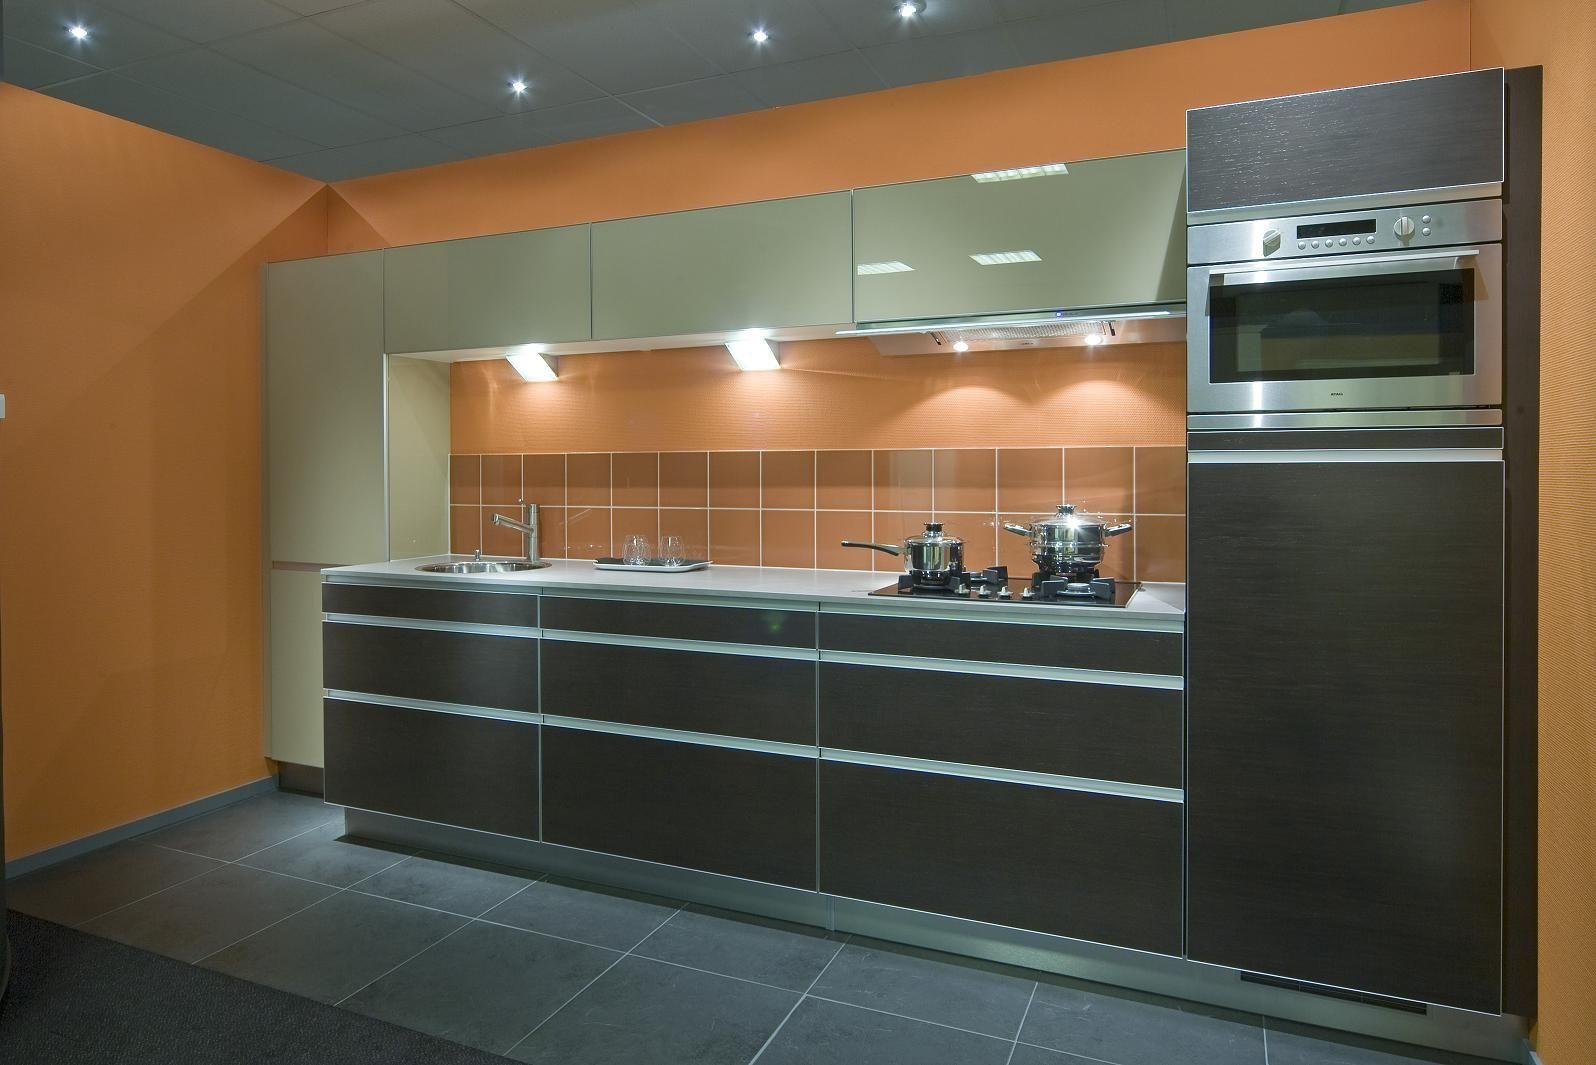 De voordeligste woonwinkel van nederland alno semi greeploze keuken - Afbeelding van keuken amenagee ...